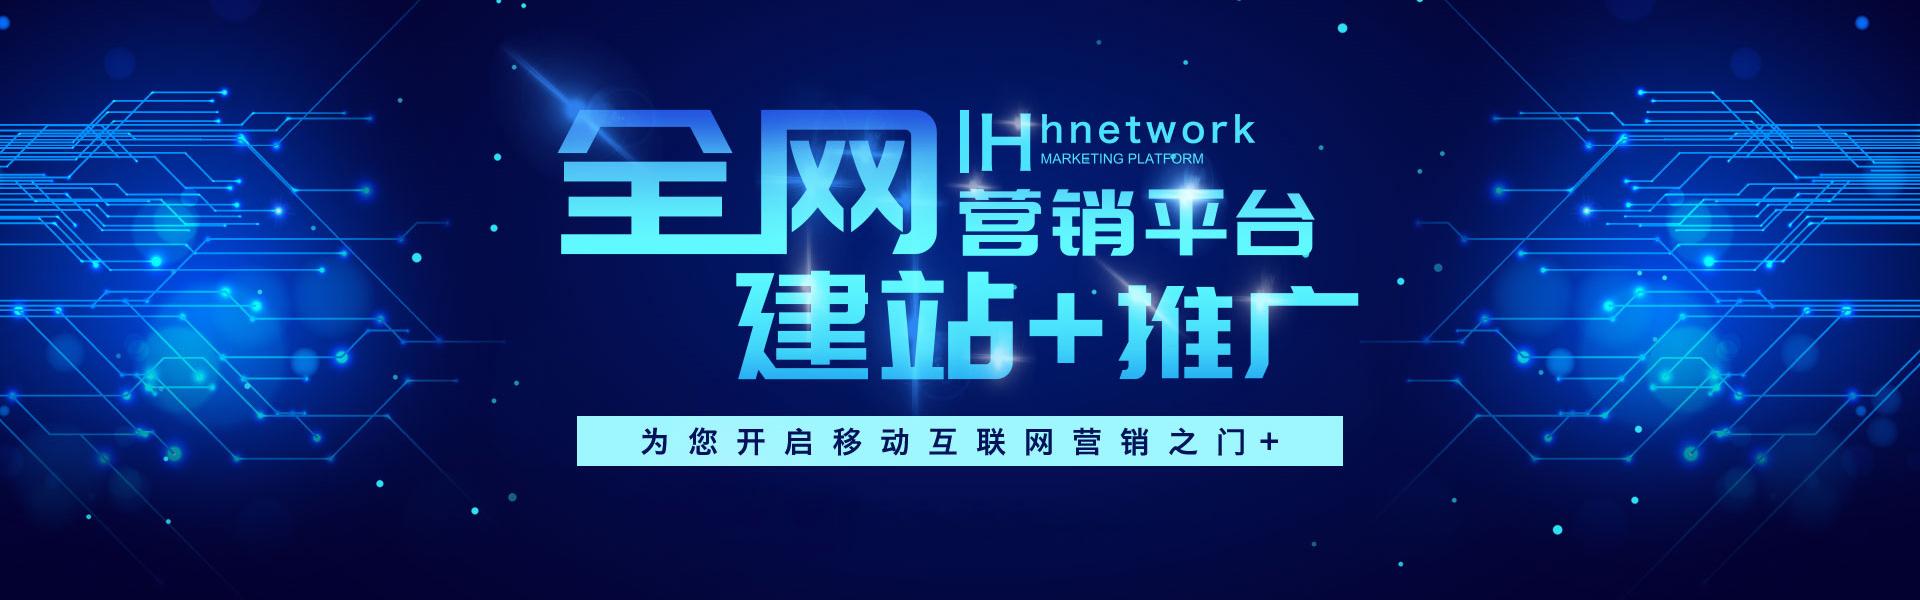 貴州網站建設公司